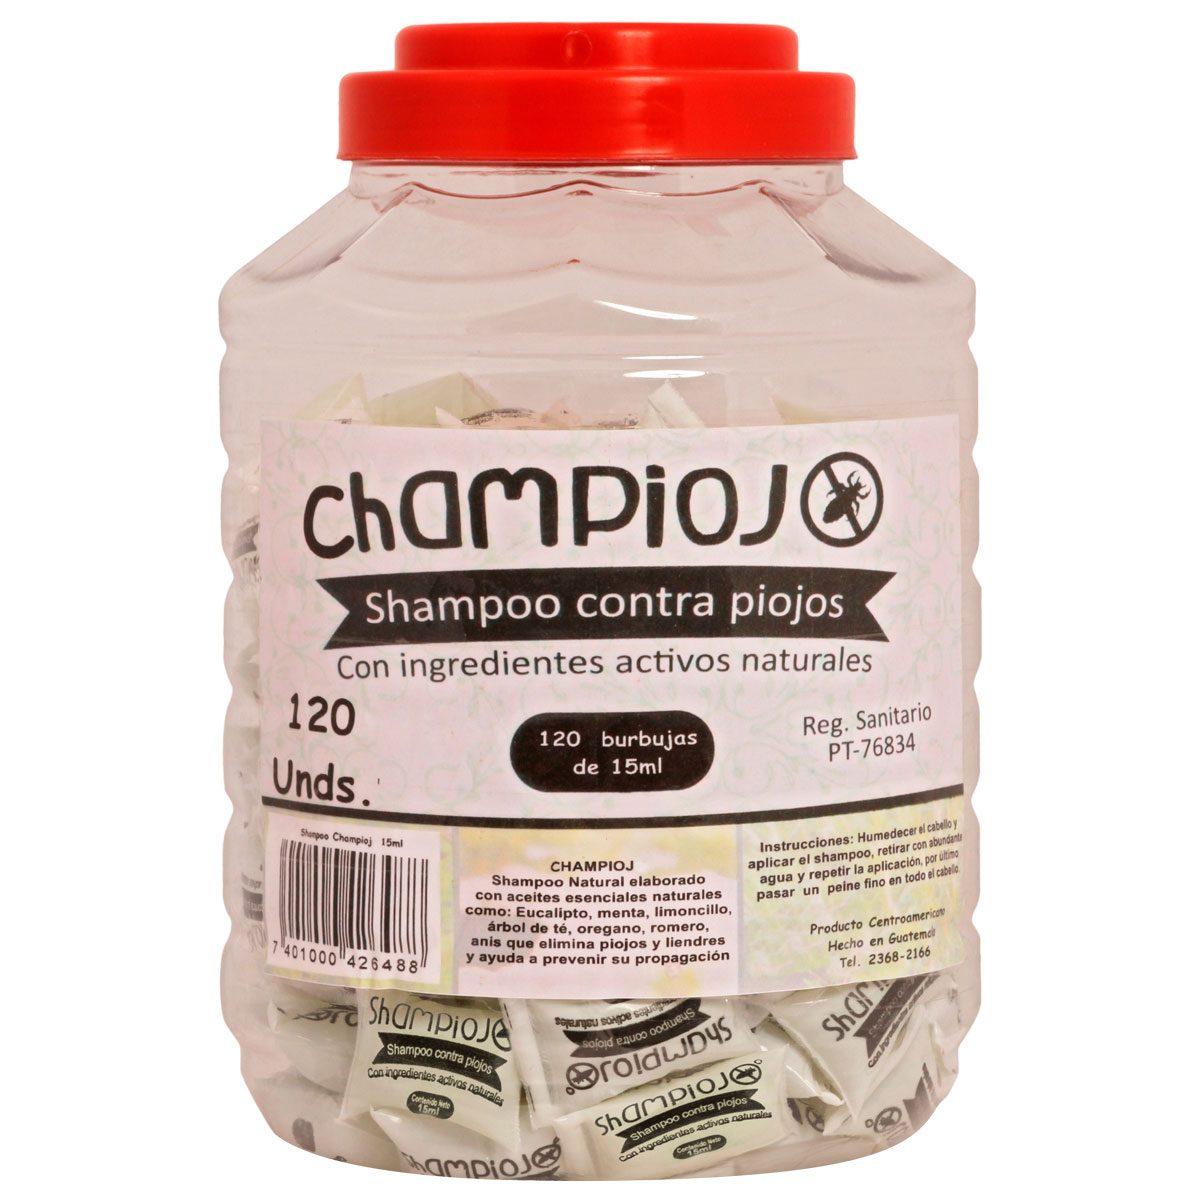 Champiojo - Shampoo contra piojos